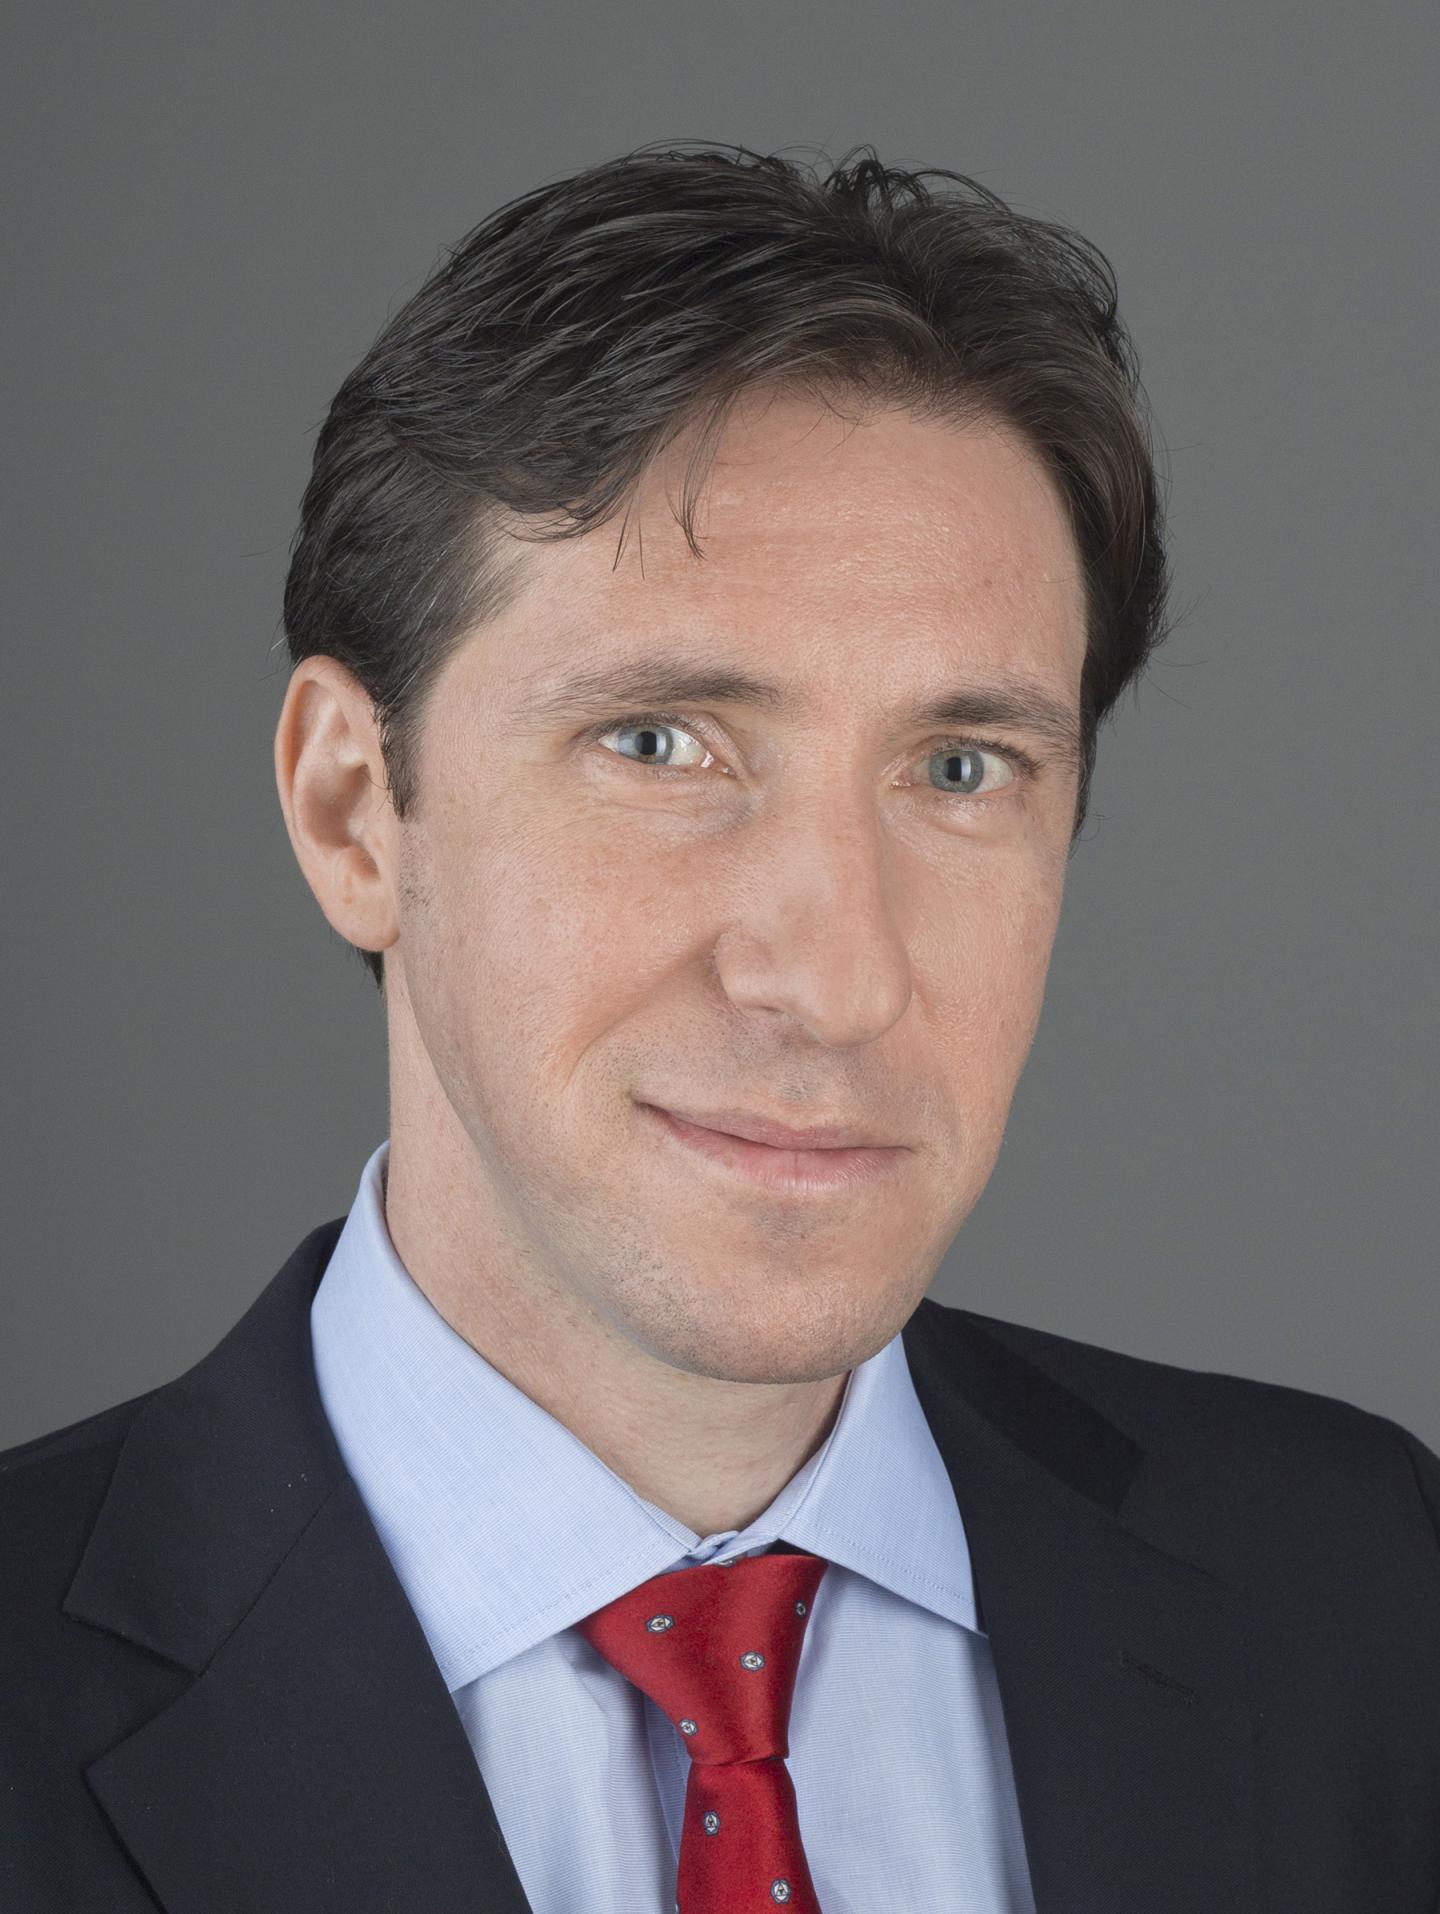 Gabriel Brat, Beth Israel Deaconess Medical Center